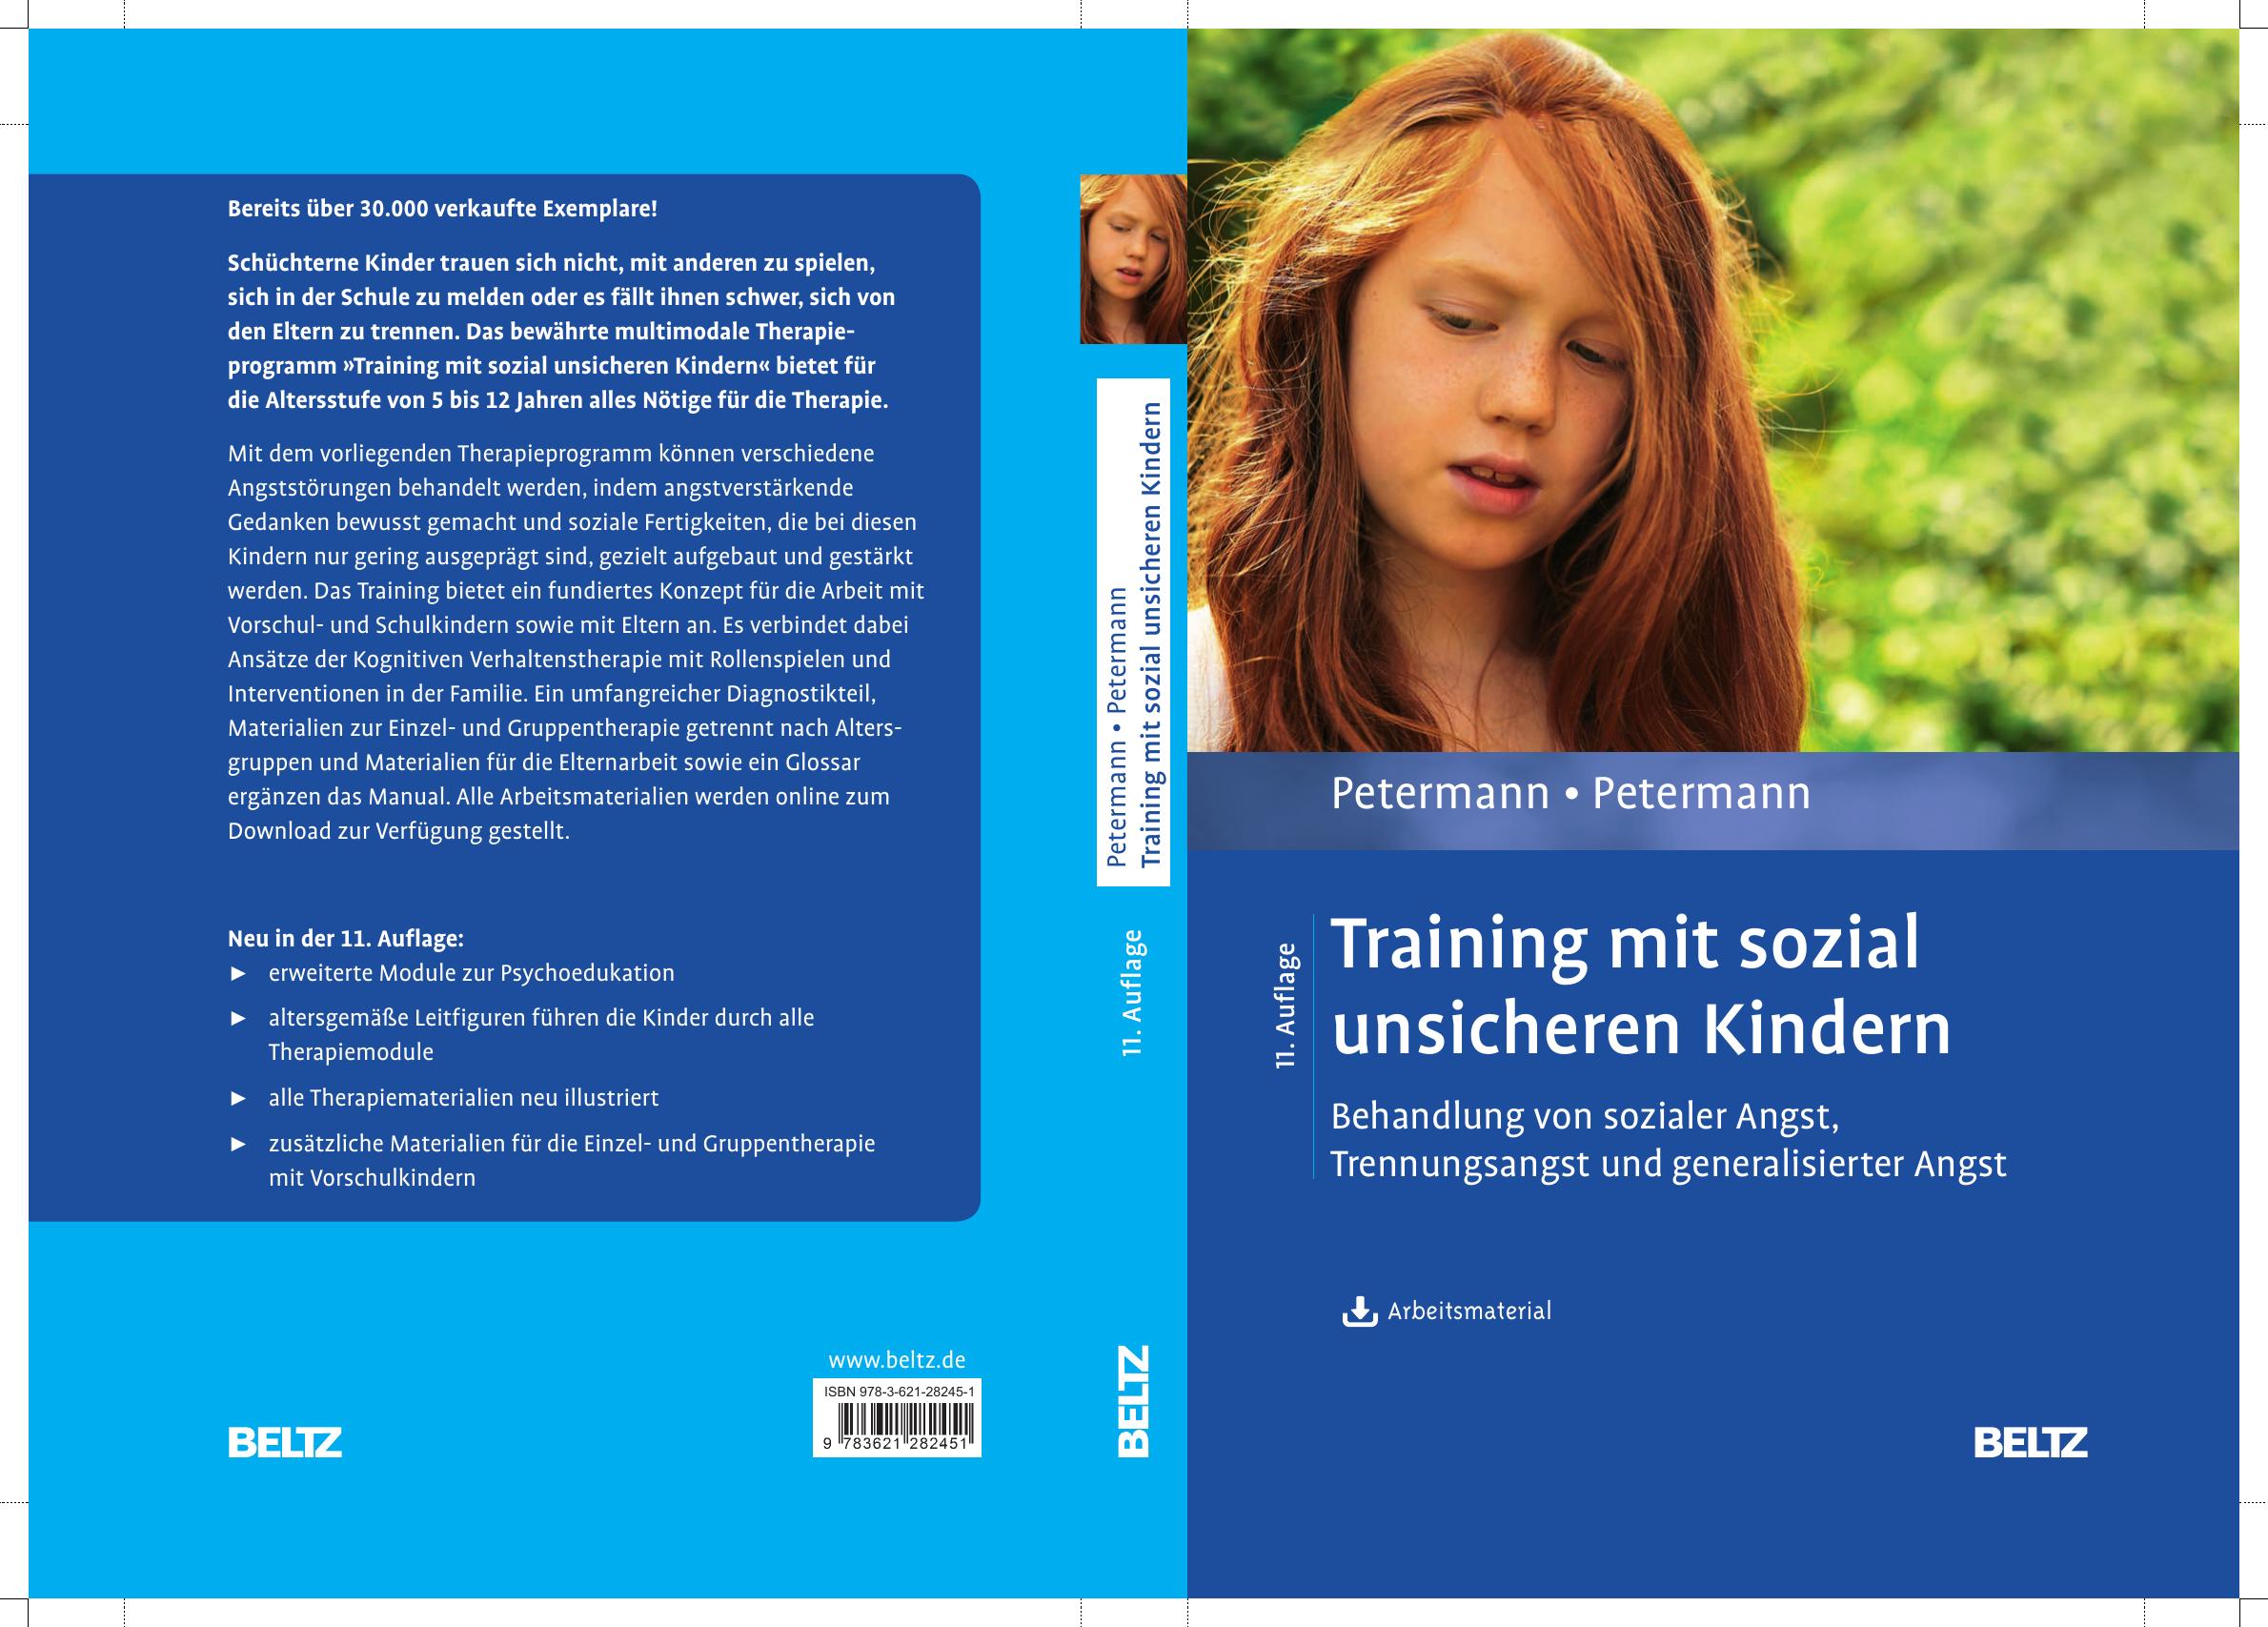 Training mit sozial unsicheren Kindern